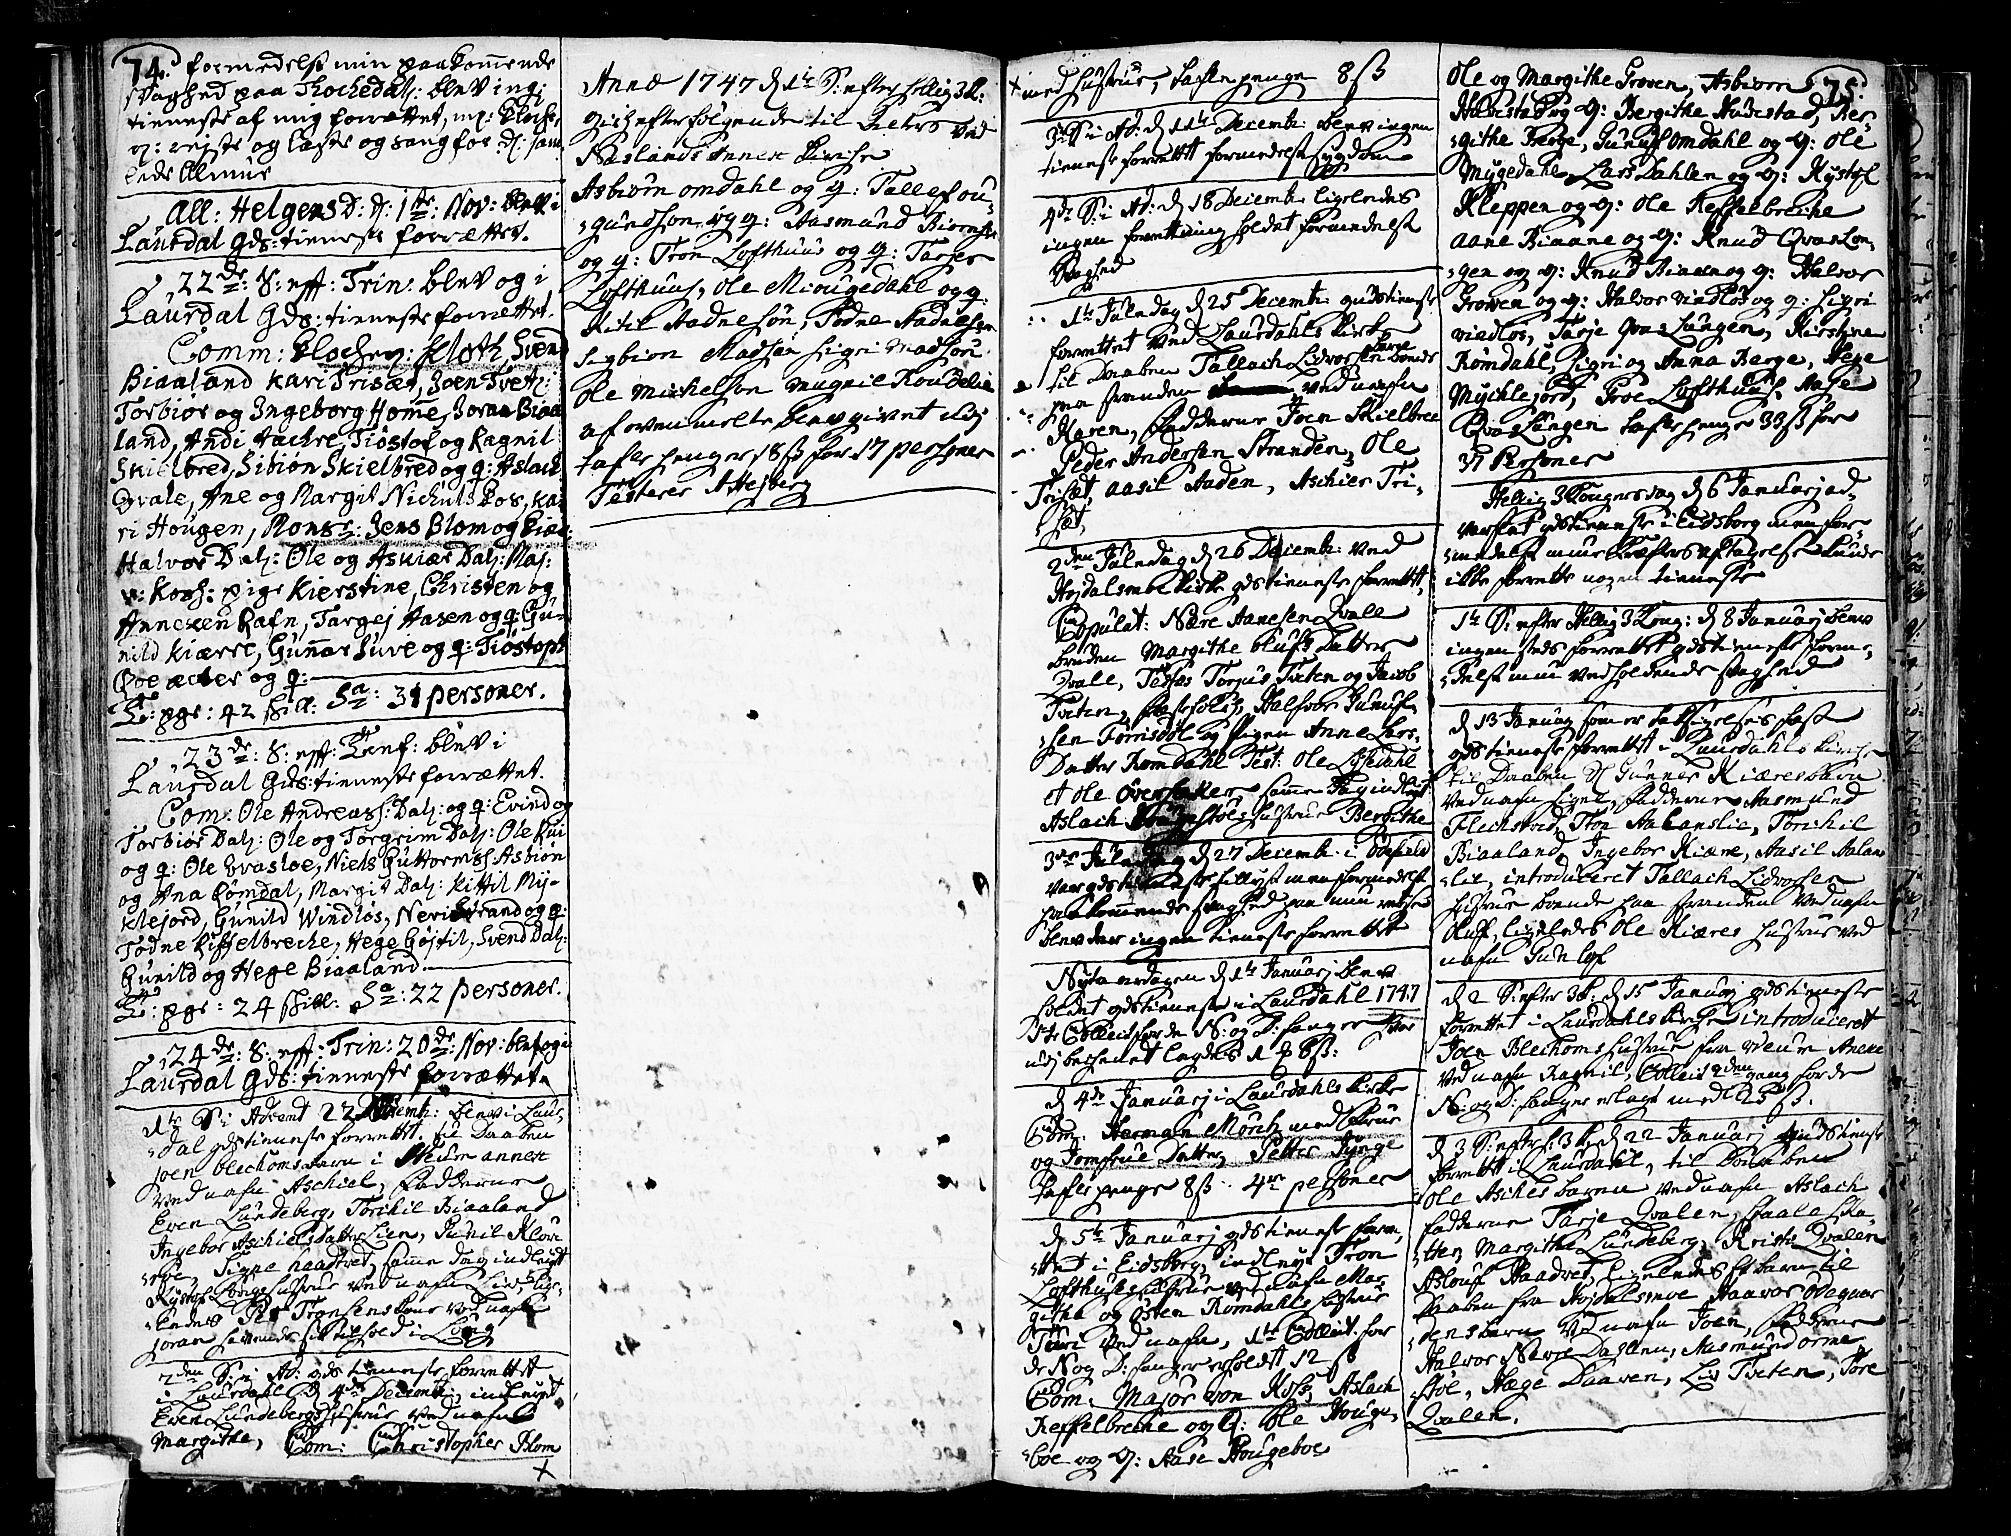 SAKO, Lårdal kirkebøker, F/Fa/L0002: Ministerialbok nr. I 2, 1734-1754, s. 74-75